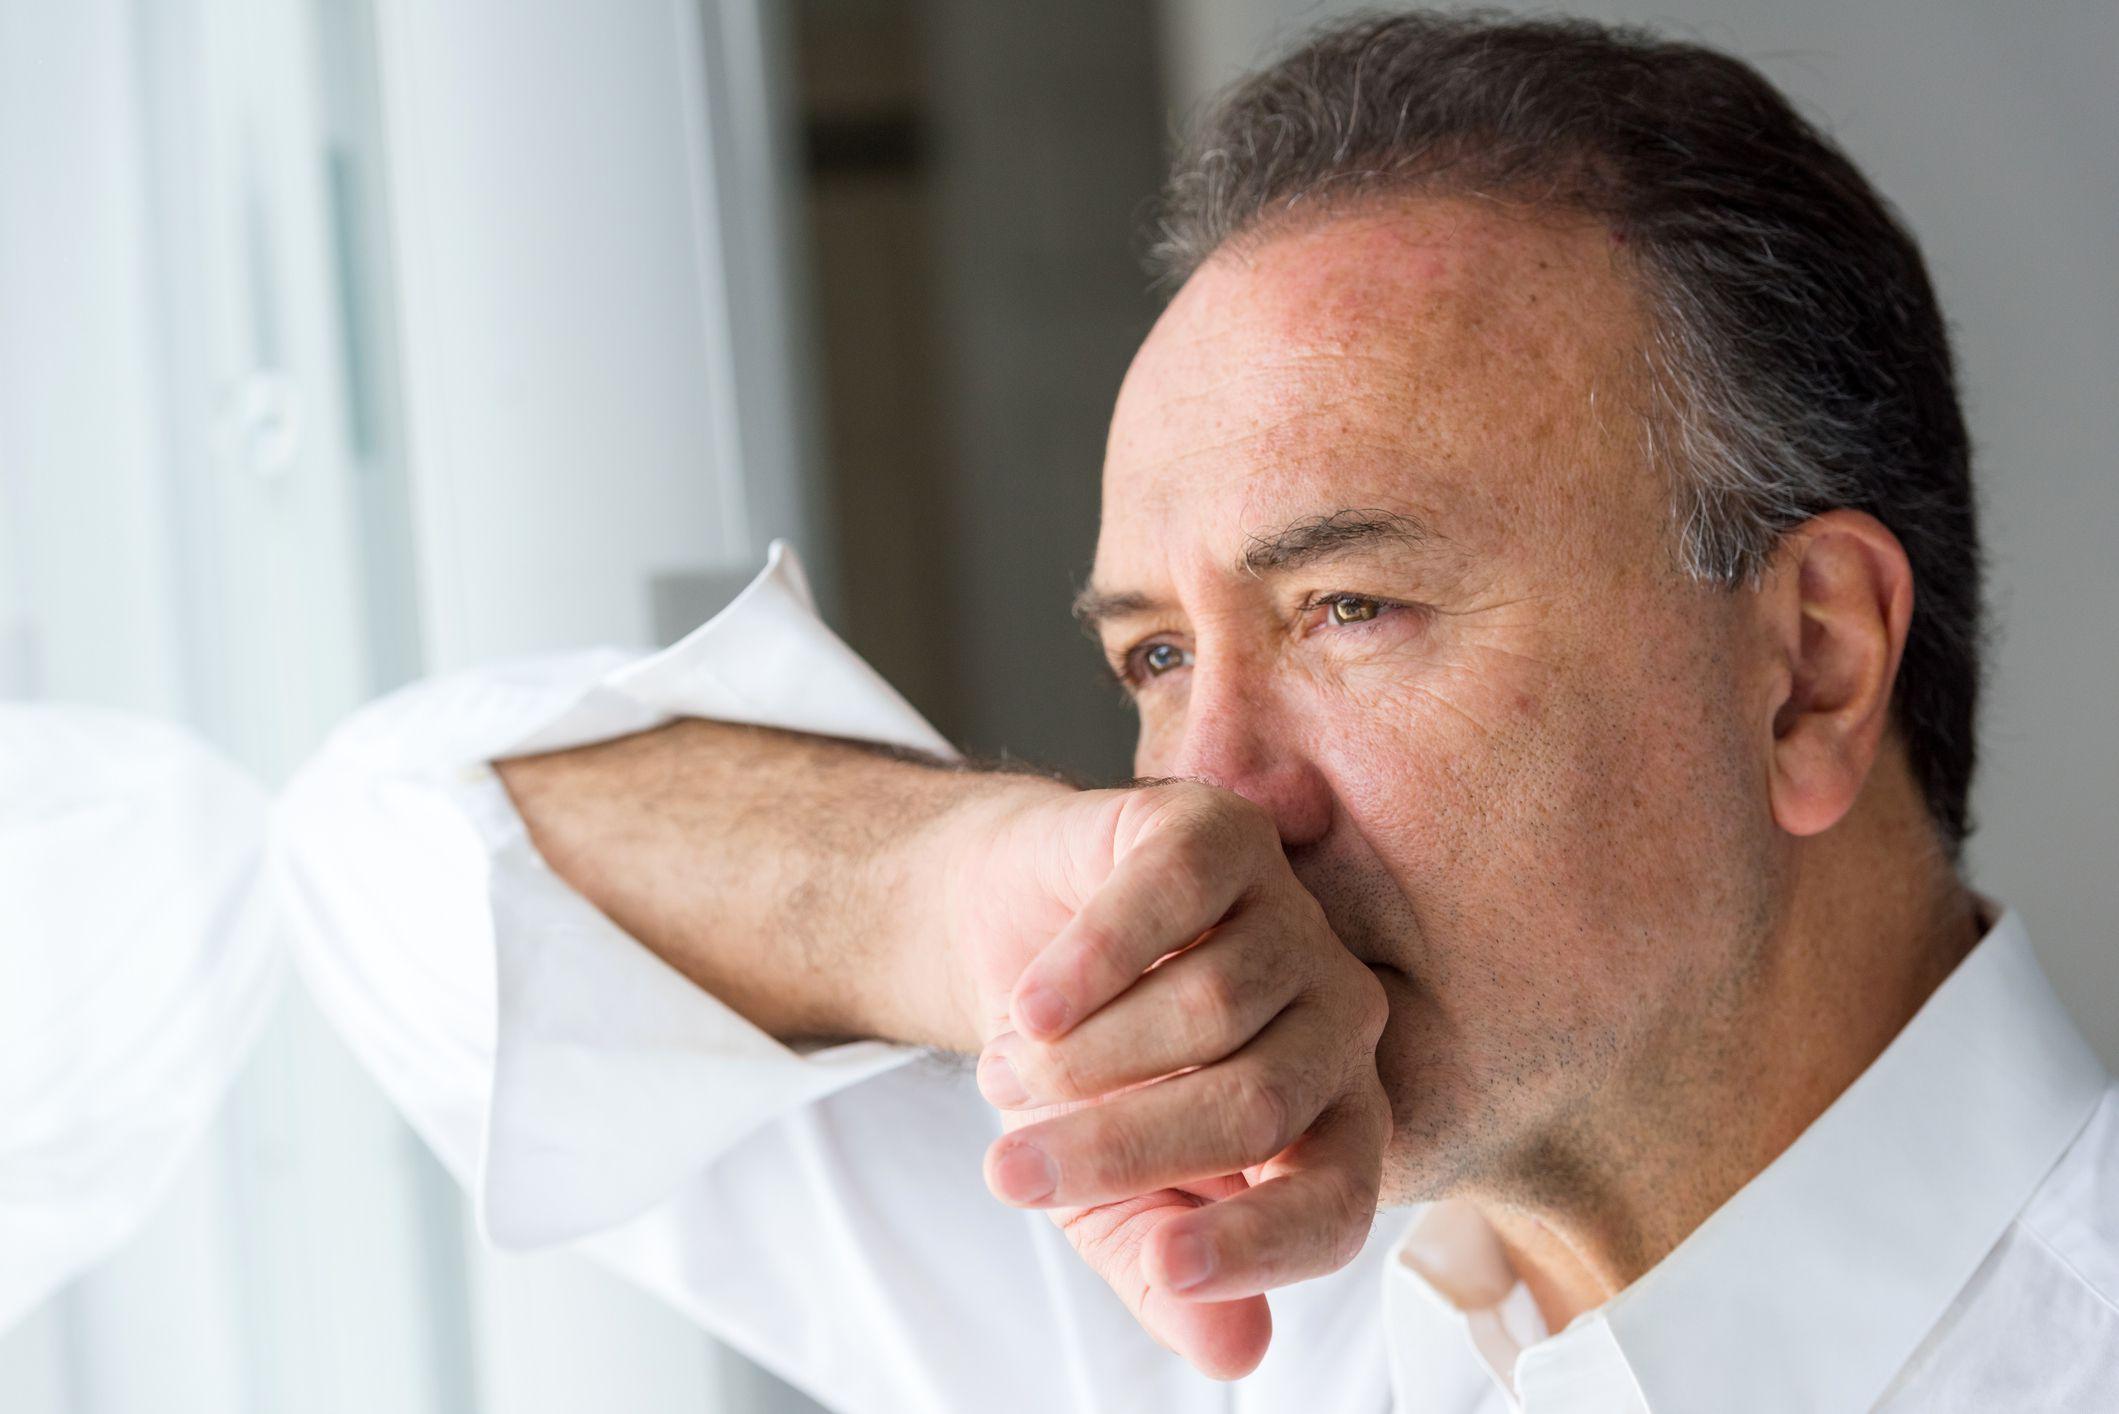 Sentimento de culpa: como deixar de sentir por tudo?